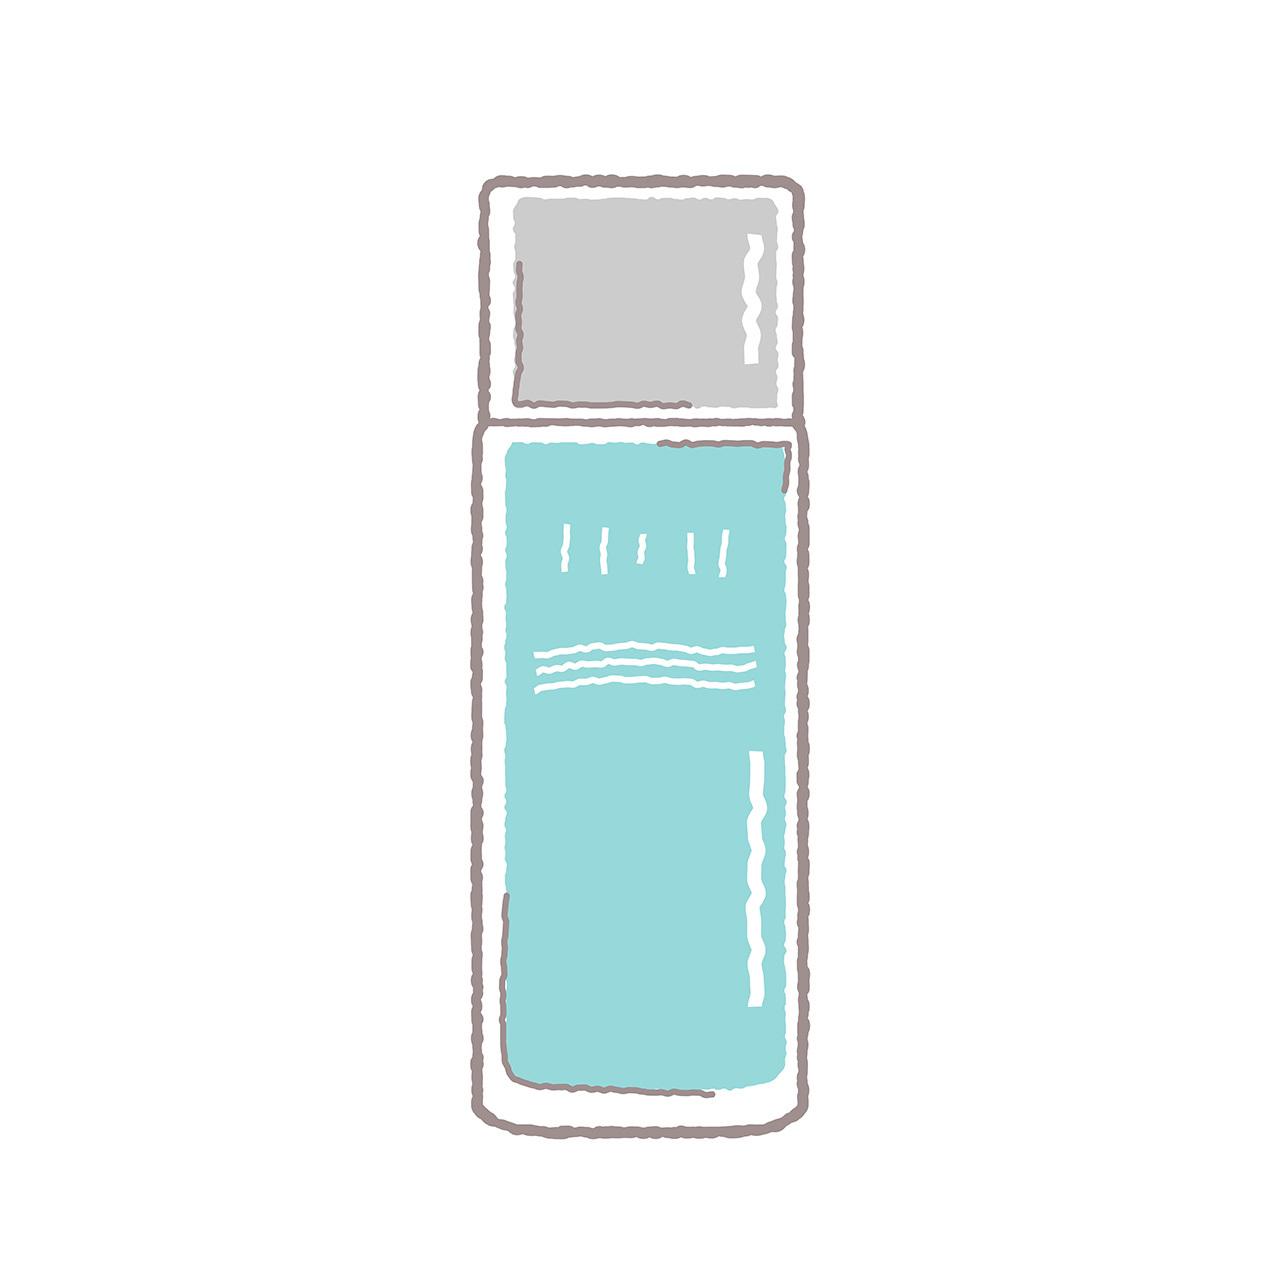 敏感乾燥肌用 保湿化粧水